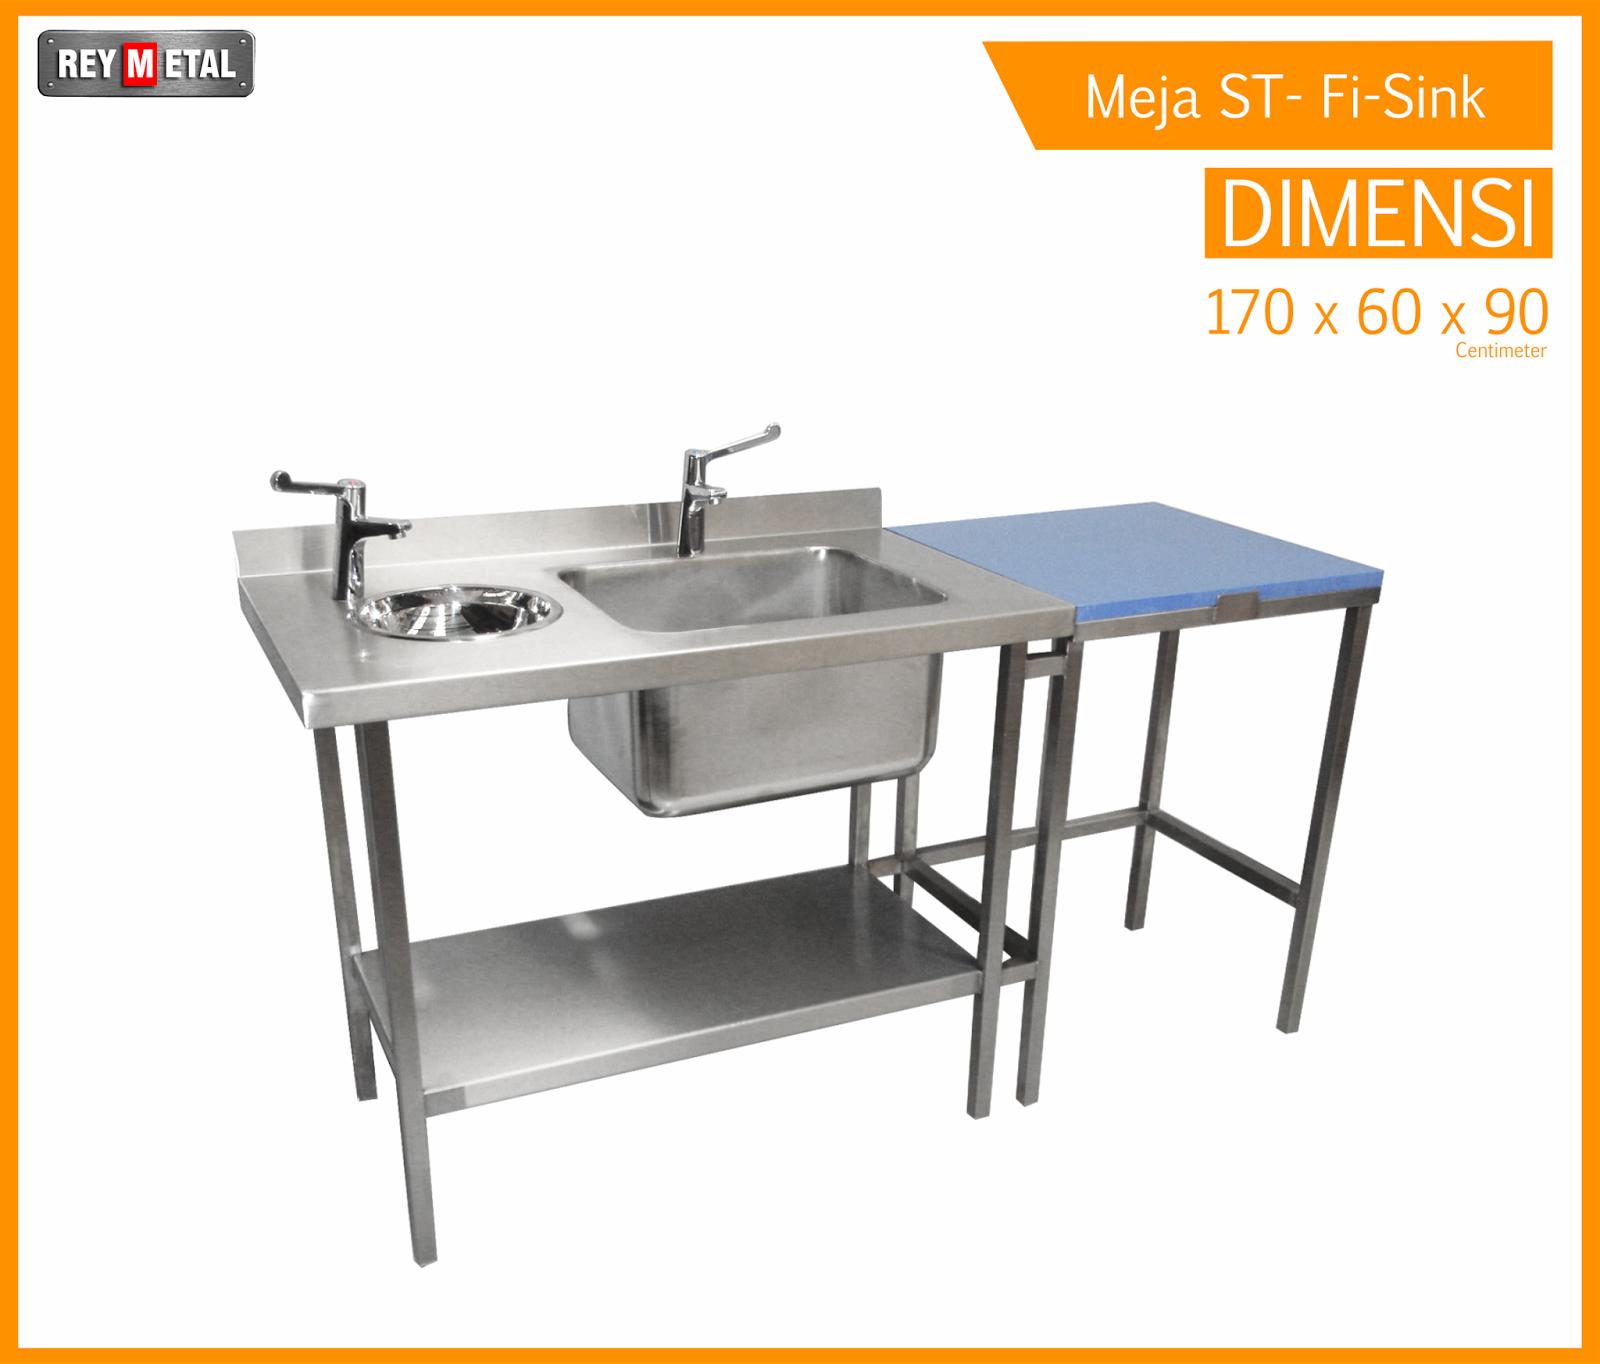 Harga meja dapur stainless khusus daging plus sink for Harga kitchen set stainless